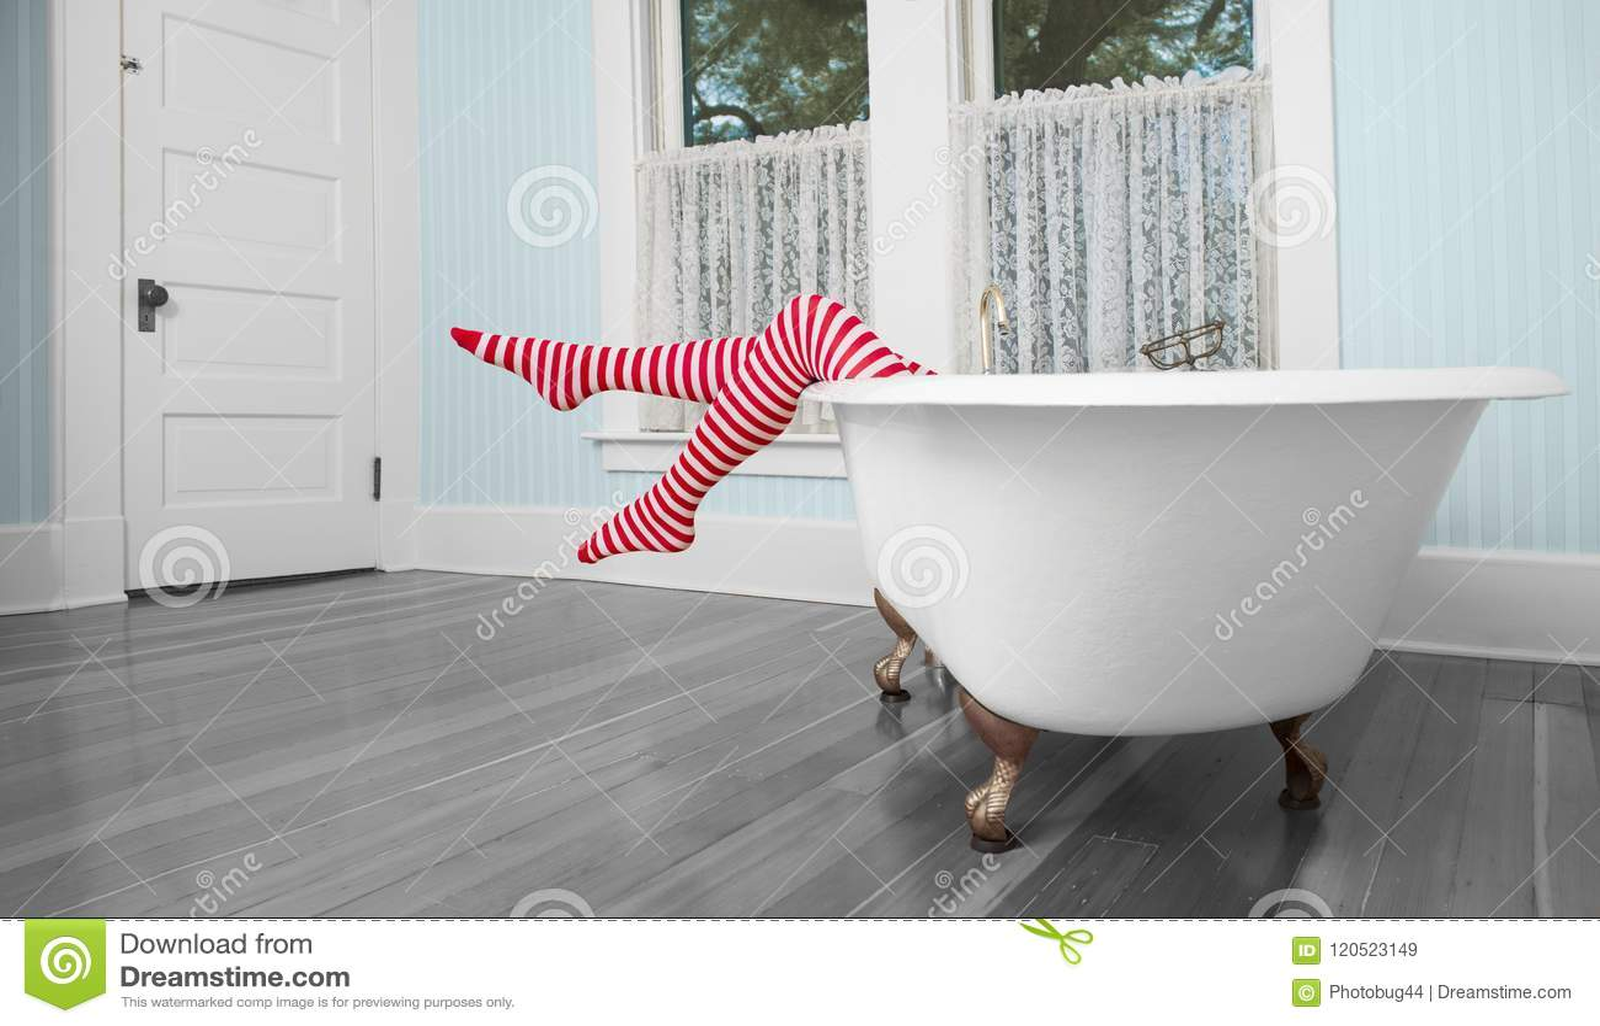 Piernas rayadas sobre la tina de baño en cuarto de baño del vintage